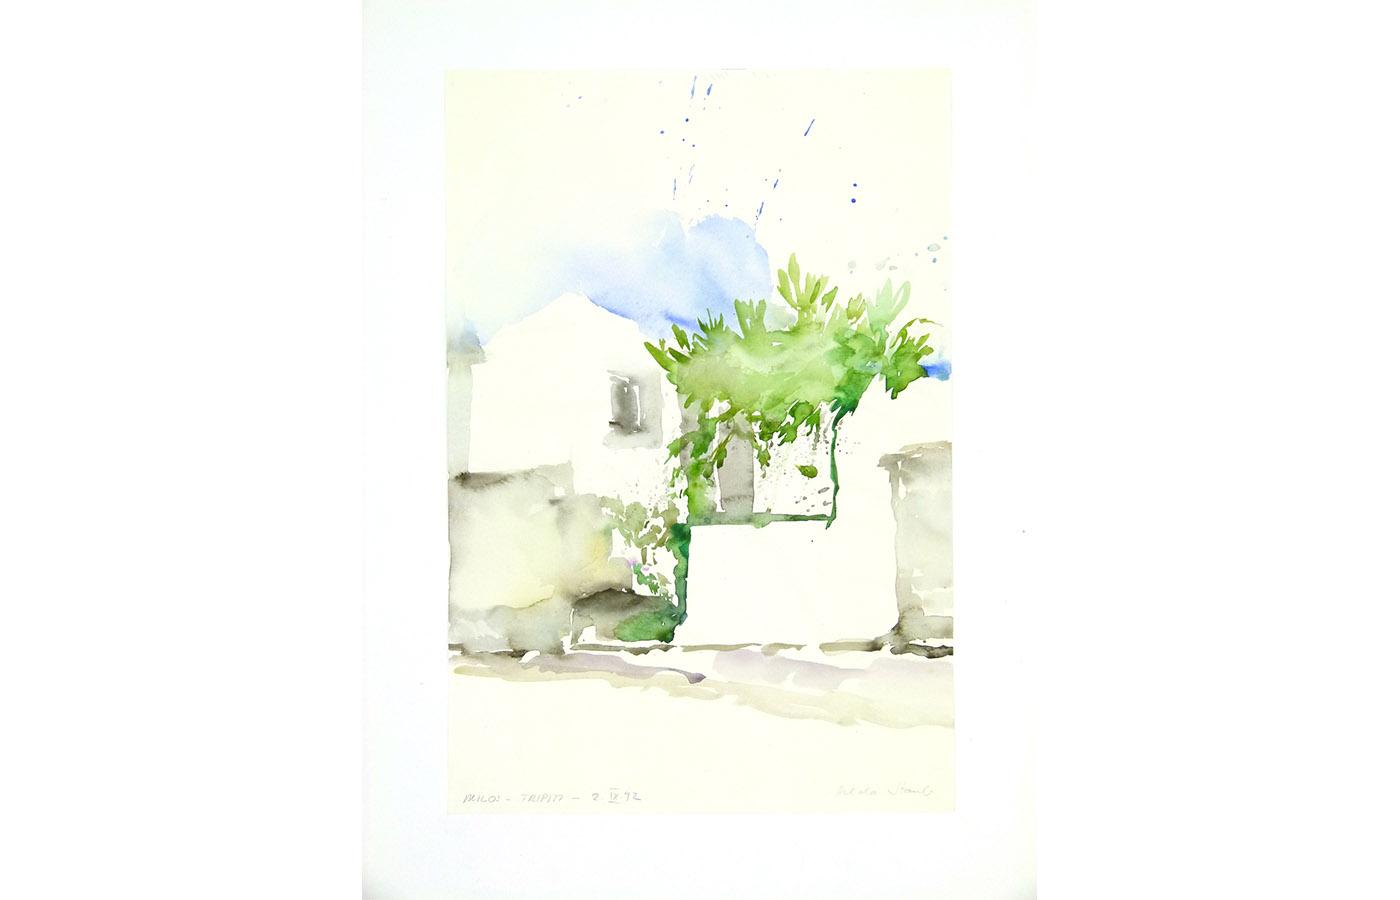 Landschaften und Reisebilder, Aquarell, 1991 bis 1993_0043_L1110030a